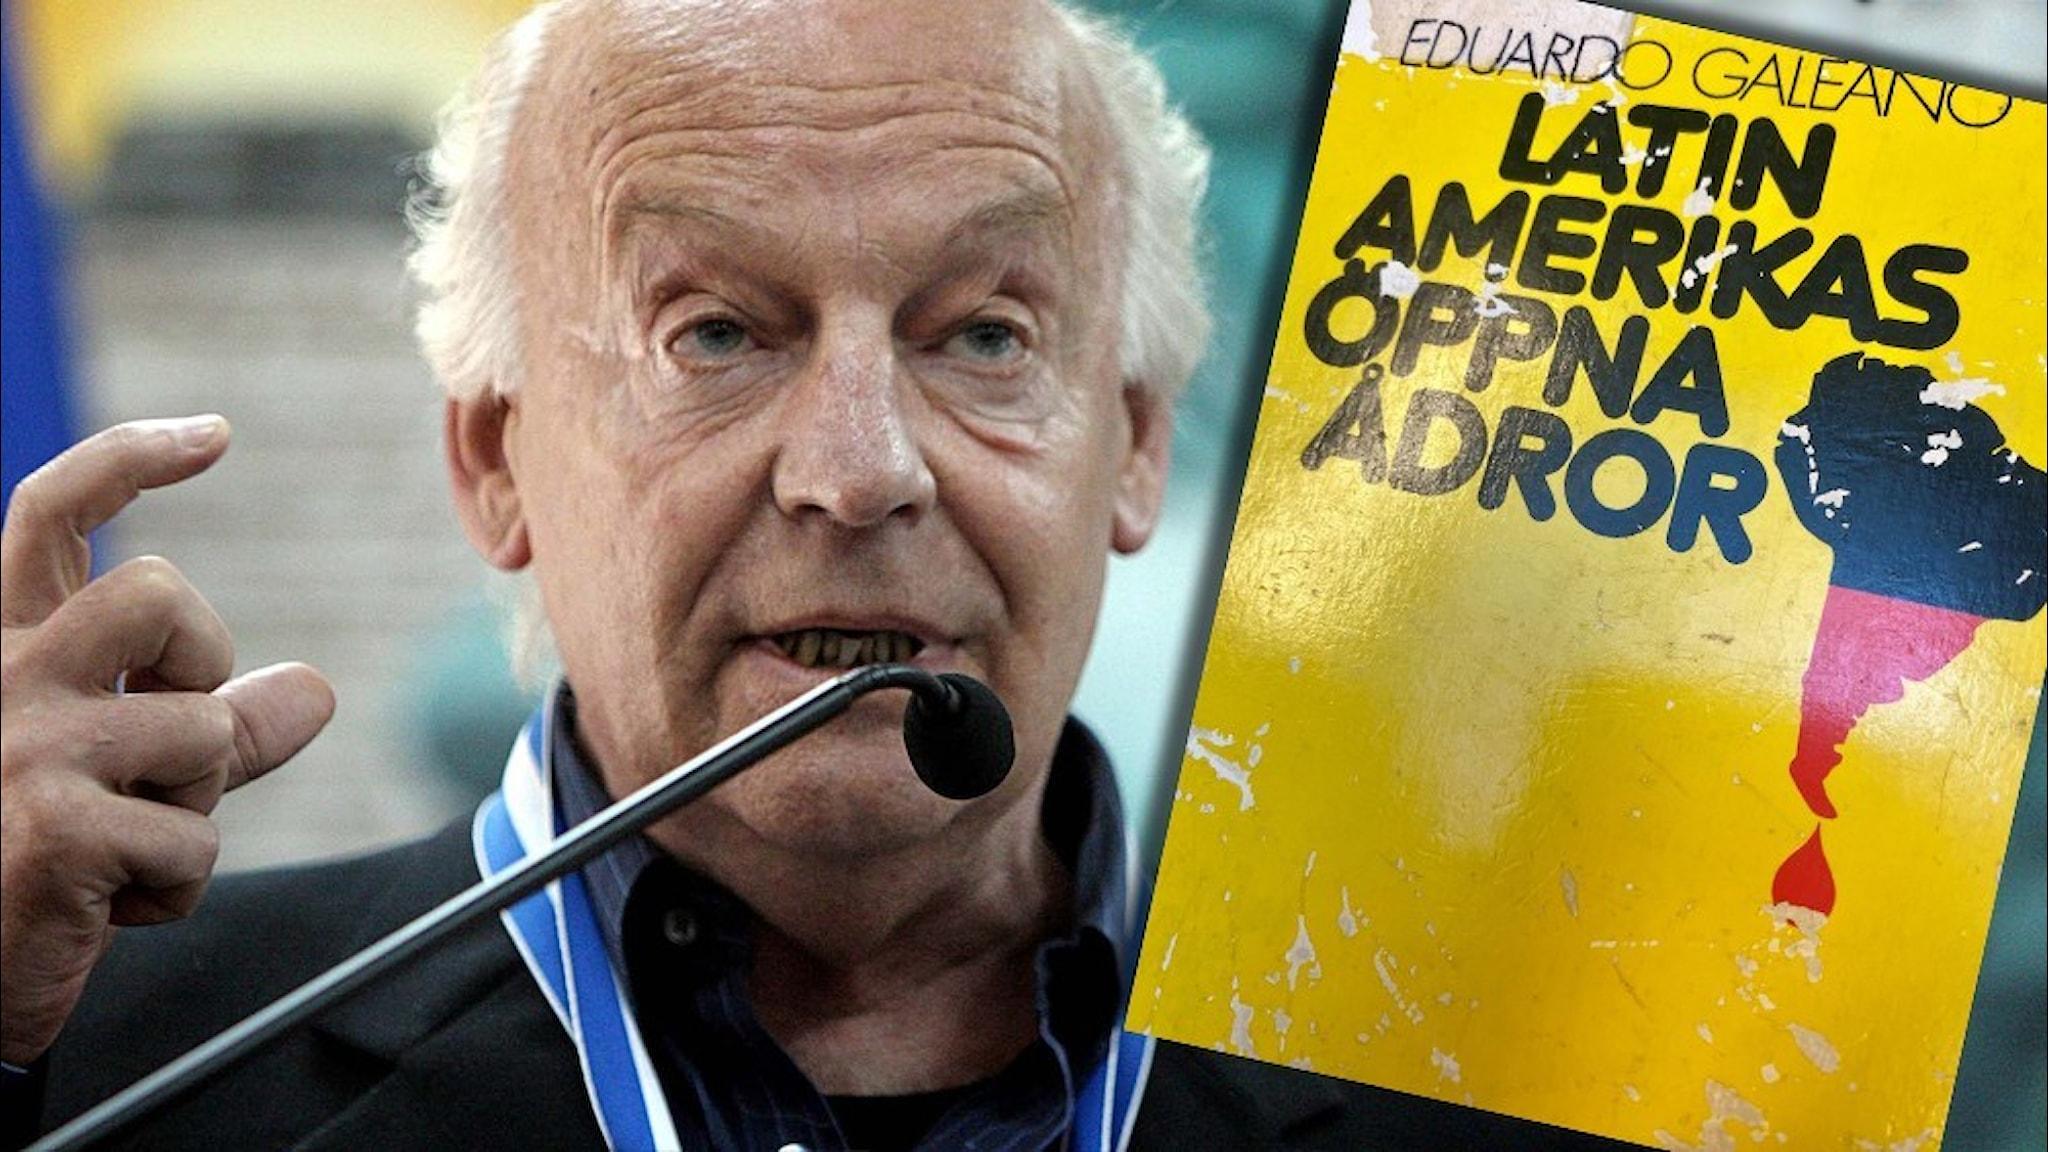 Författaren Eduardo Galeano talar i en mikrofon. Infällt är omslaget till hans bok Latinamerikas öppna ådror.